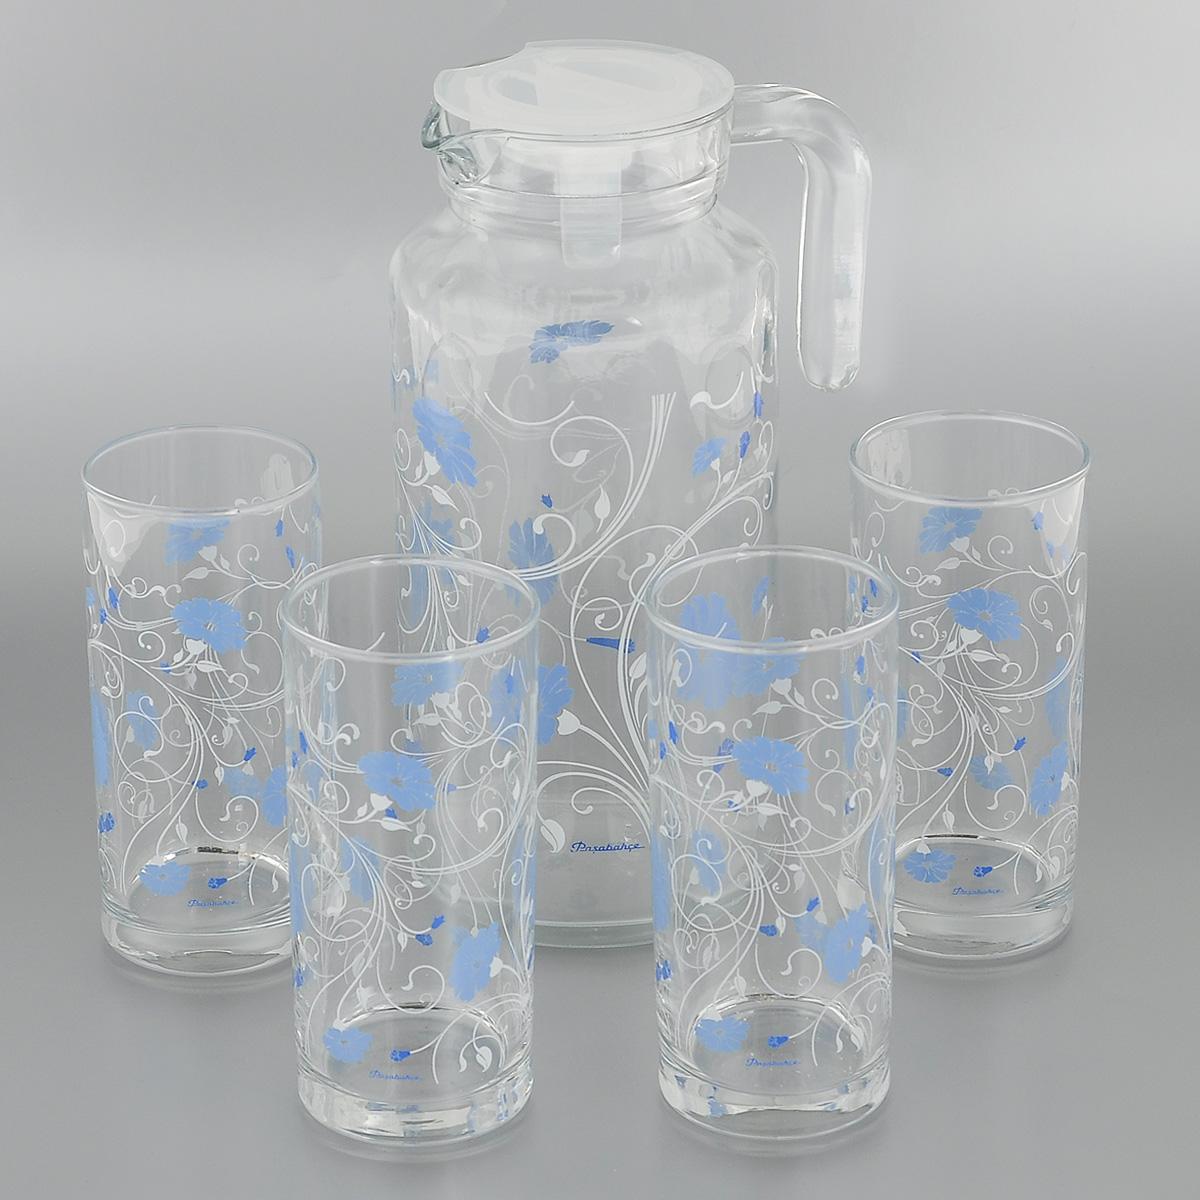 Набор для воды Pasabahce Workshop Serenade, цвет: синий, 5 предметов95895BD2Набор Pasabahce Workshop Serenade состоит из четырех стаканов и кувшина, выполненных из прочного натрий-кальций-силикатного стекла. Предметы набора, декорированные цветочным рисунком, предназначены для воды, сока и других напитков. Кувшин снабжен пластиковой, плотно закрывающейся крышкой. Изделия сочетают в себе элегантный дизайн и функциональность. Благодаря такому набору пить напитки будет еще вкуснее. Набор для воды Pasabahce Workshop Serenade прекрасно оформит праздничный стол и создаст приятную атмосферу. Такой набор также станет хорошим подарком к любому случаю. Можно мыть в посудомоечной машине и использовать в микроволновой печи. Объем кувшина: 1,3 л. Диаметр кувшина (по верхнему краю): 7,5 см. Высота кувшина (без учета крышки): 22,5 см. Объем стакана: 290 мл. Диаметр стакана (по верхнему краю): 5,5 см. Высота стакана: 13 см.